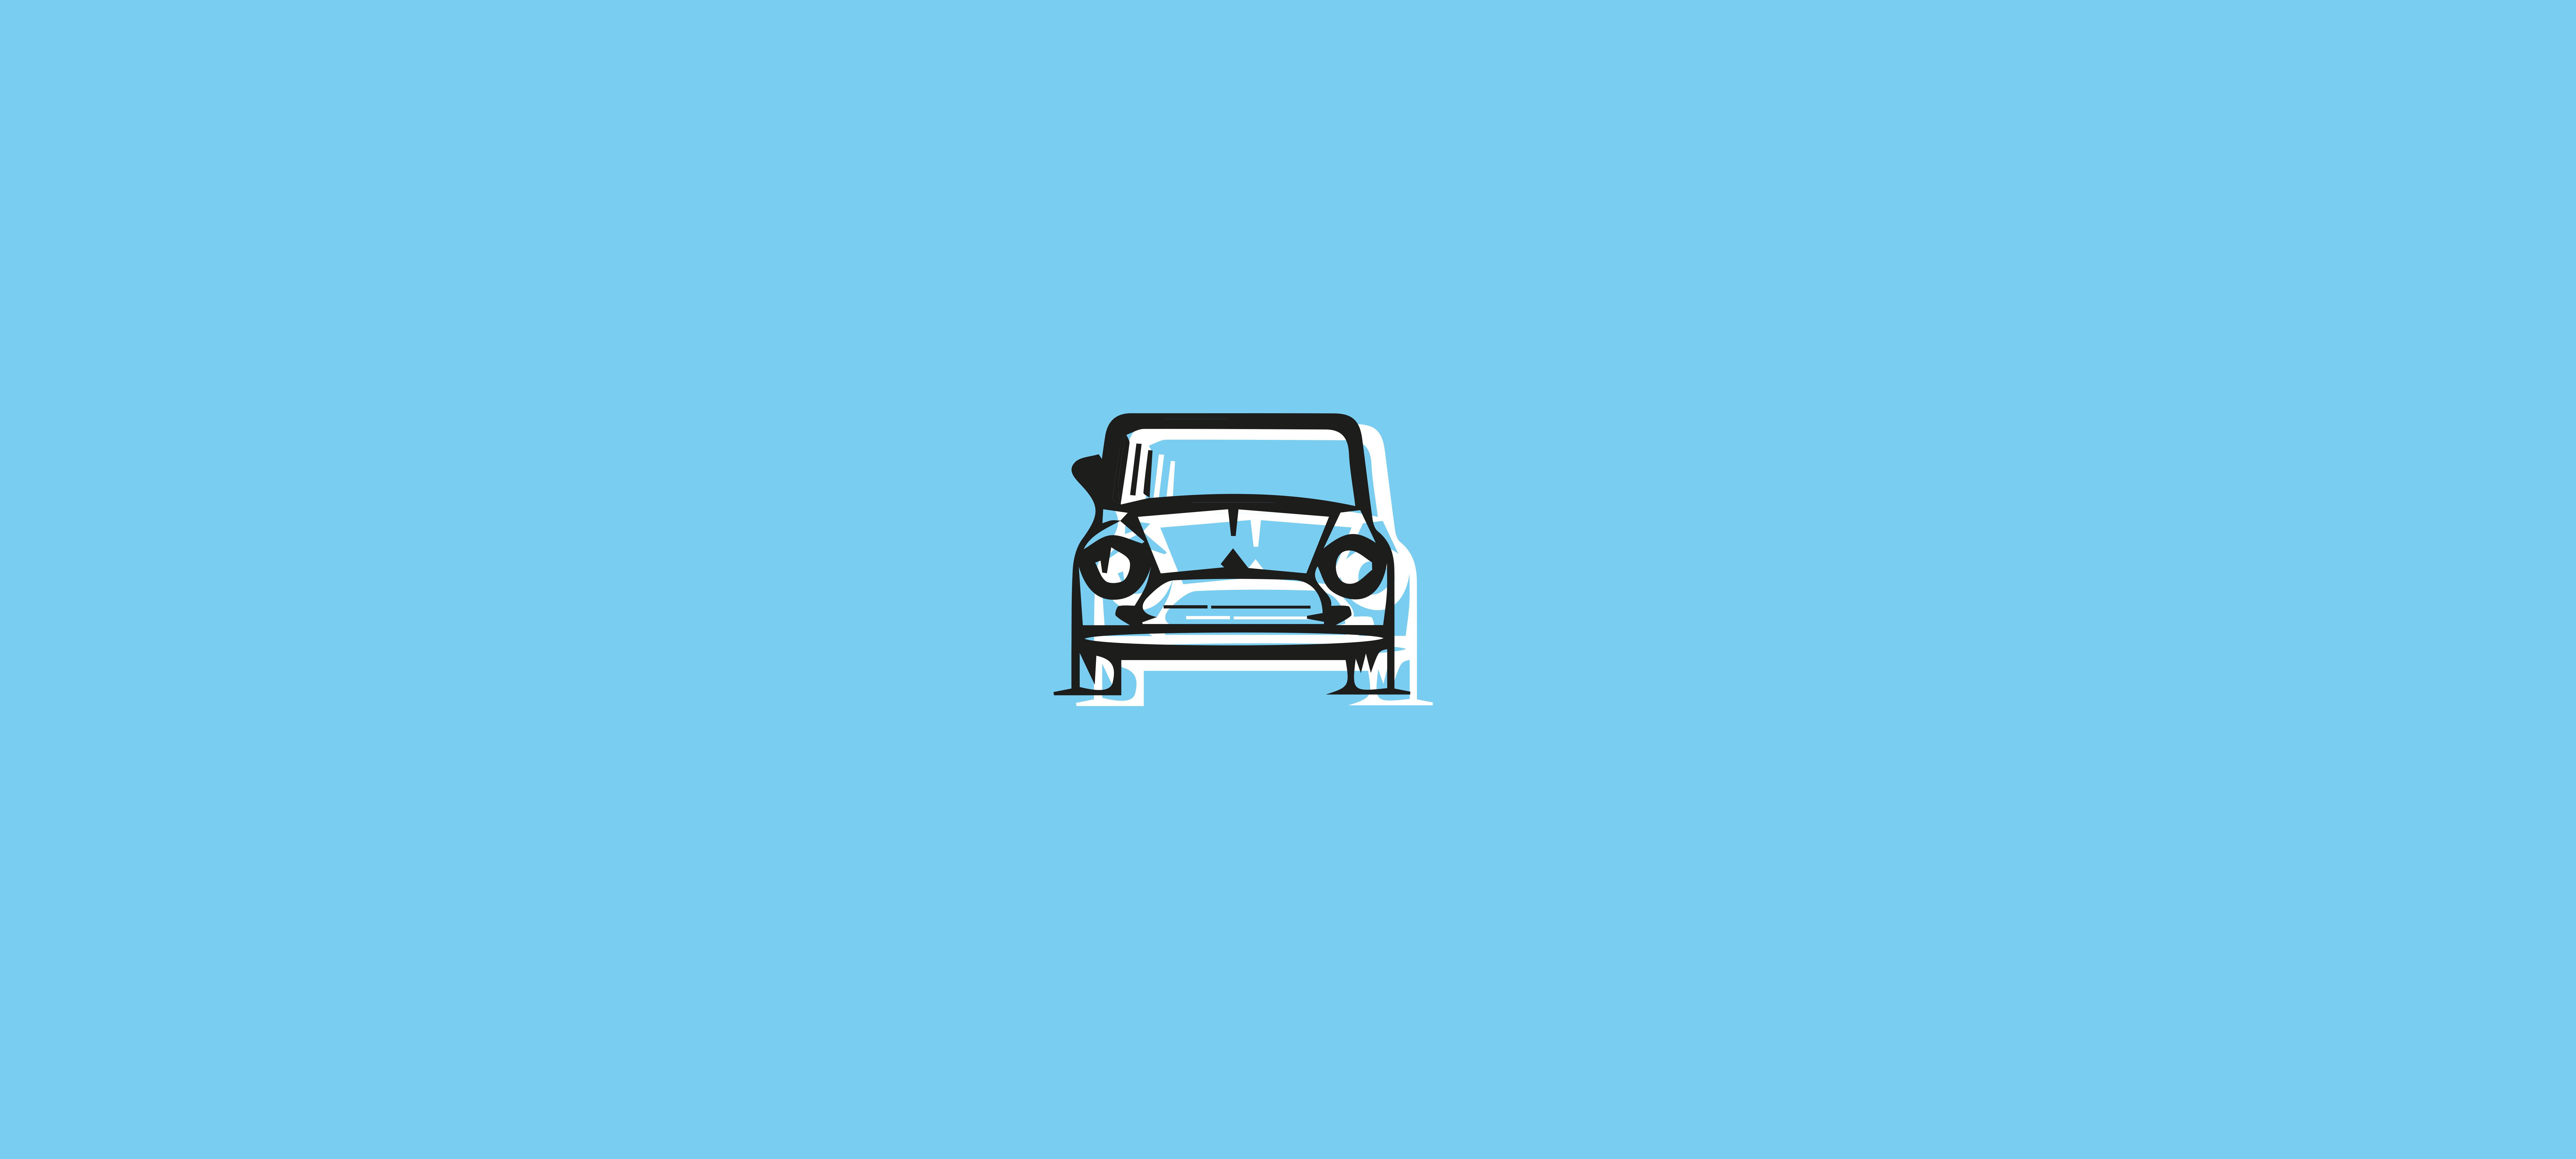 Perché convengono le auto a noleggio?